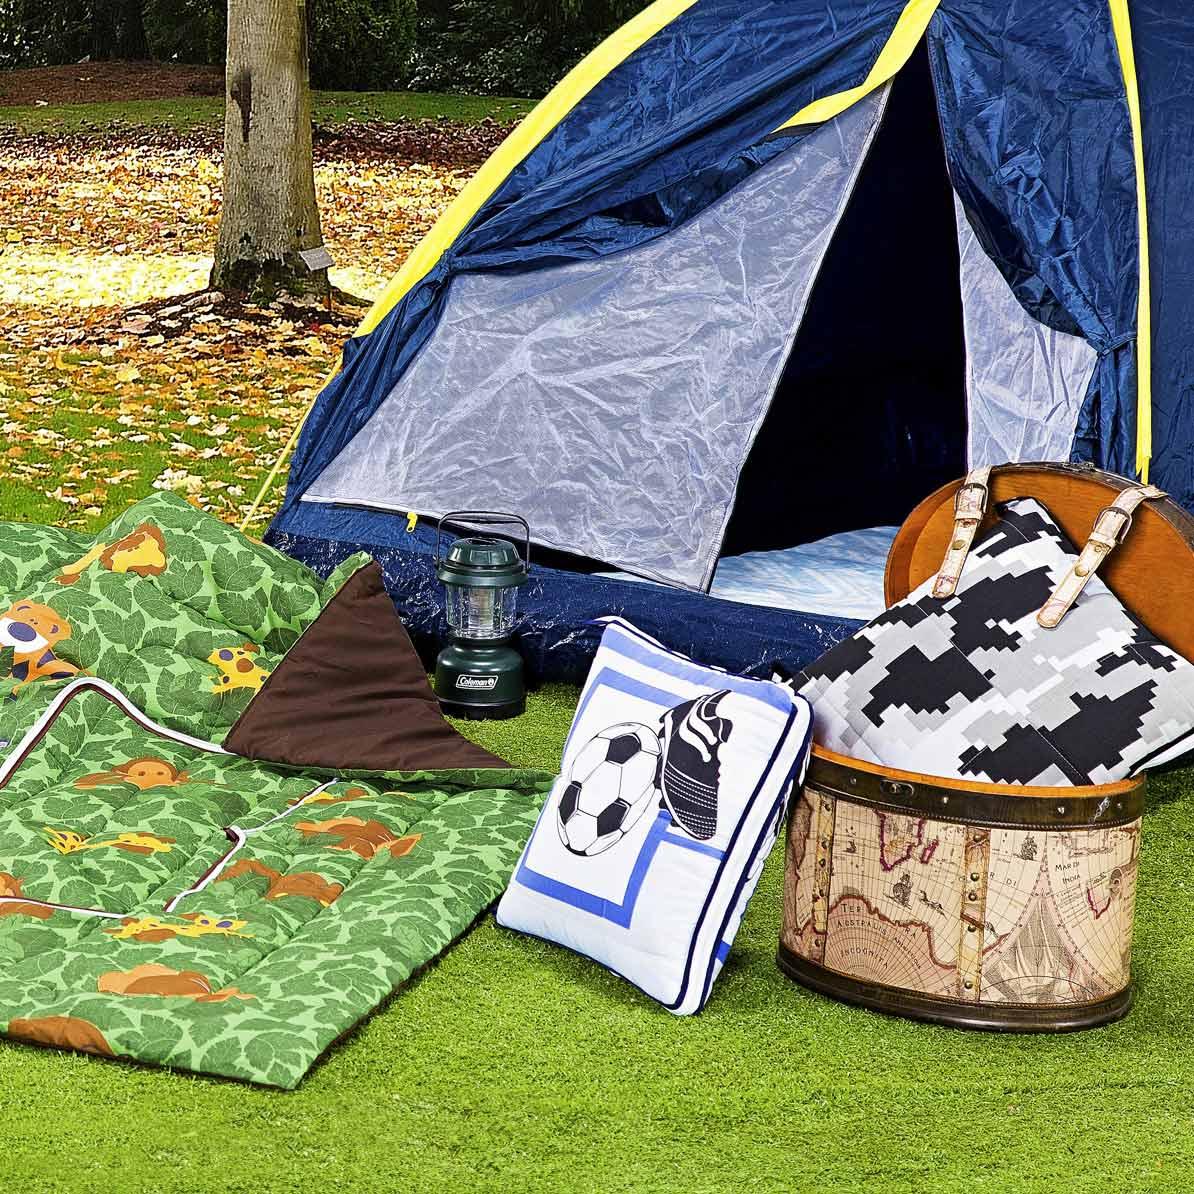 Edredom Almofada Cama Solteiro com 1 peça tecido Algodão e Poliester e Microfibra - Edredom Infantil